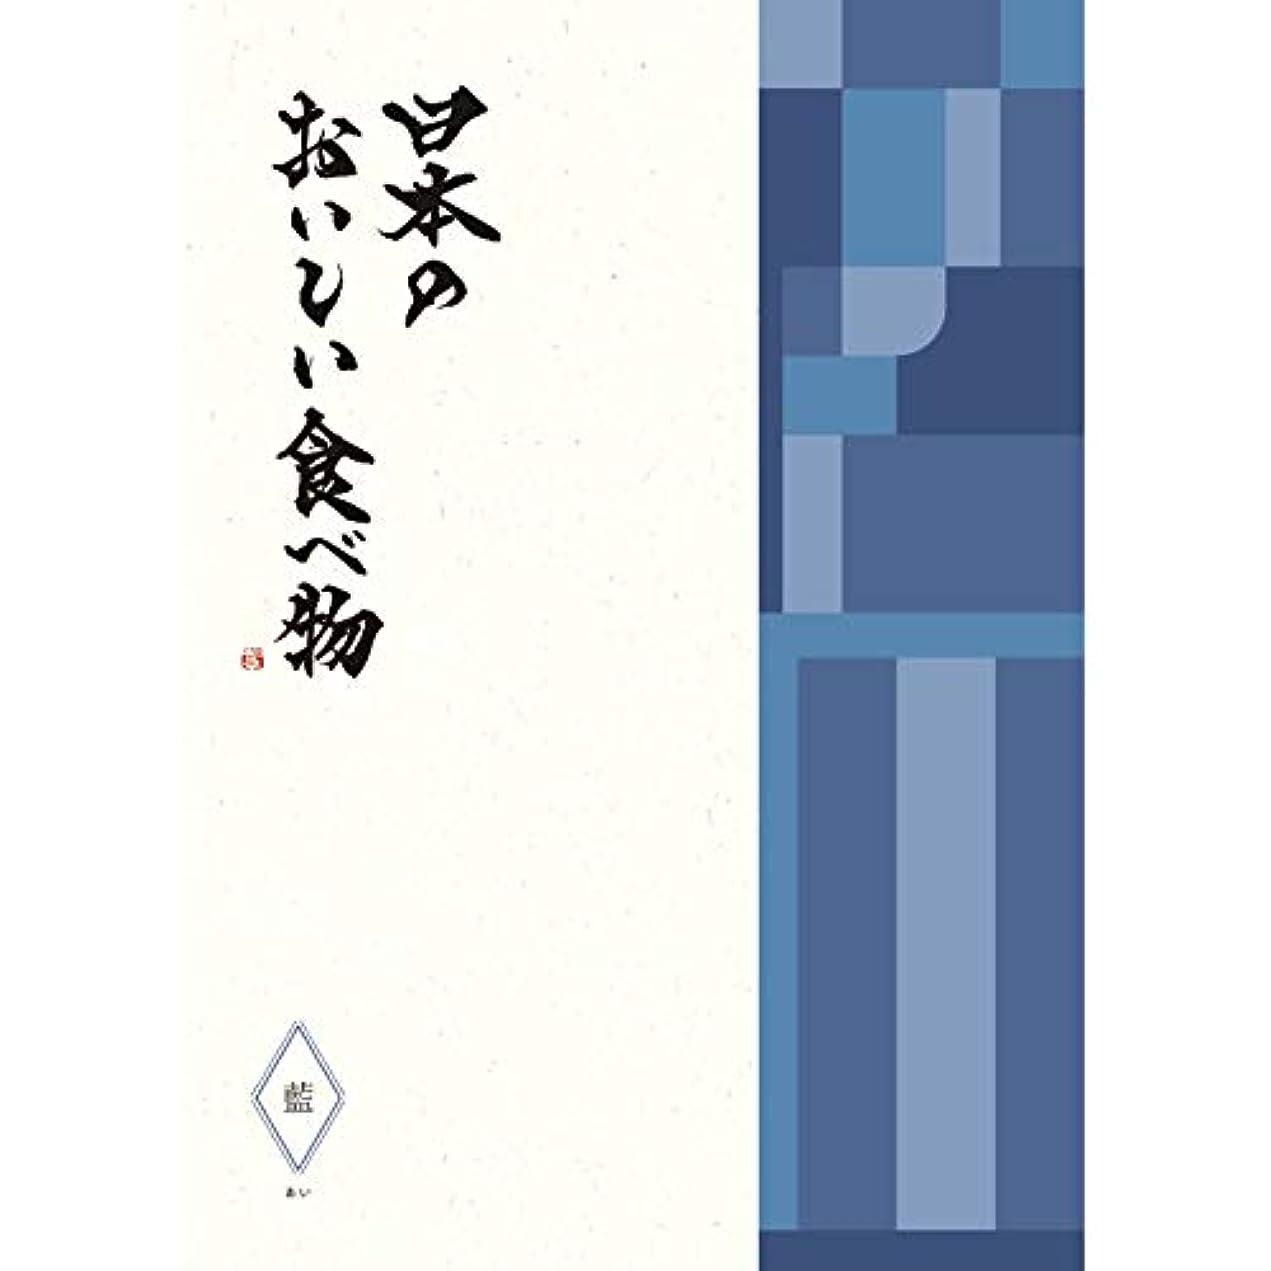 筋肉の中制裁YAMATO グルメカタログギフト 日本のおいしい食べ物 藍 (あい) 5,000円コース 包装紙:カラードロップス